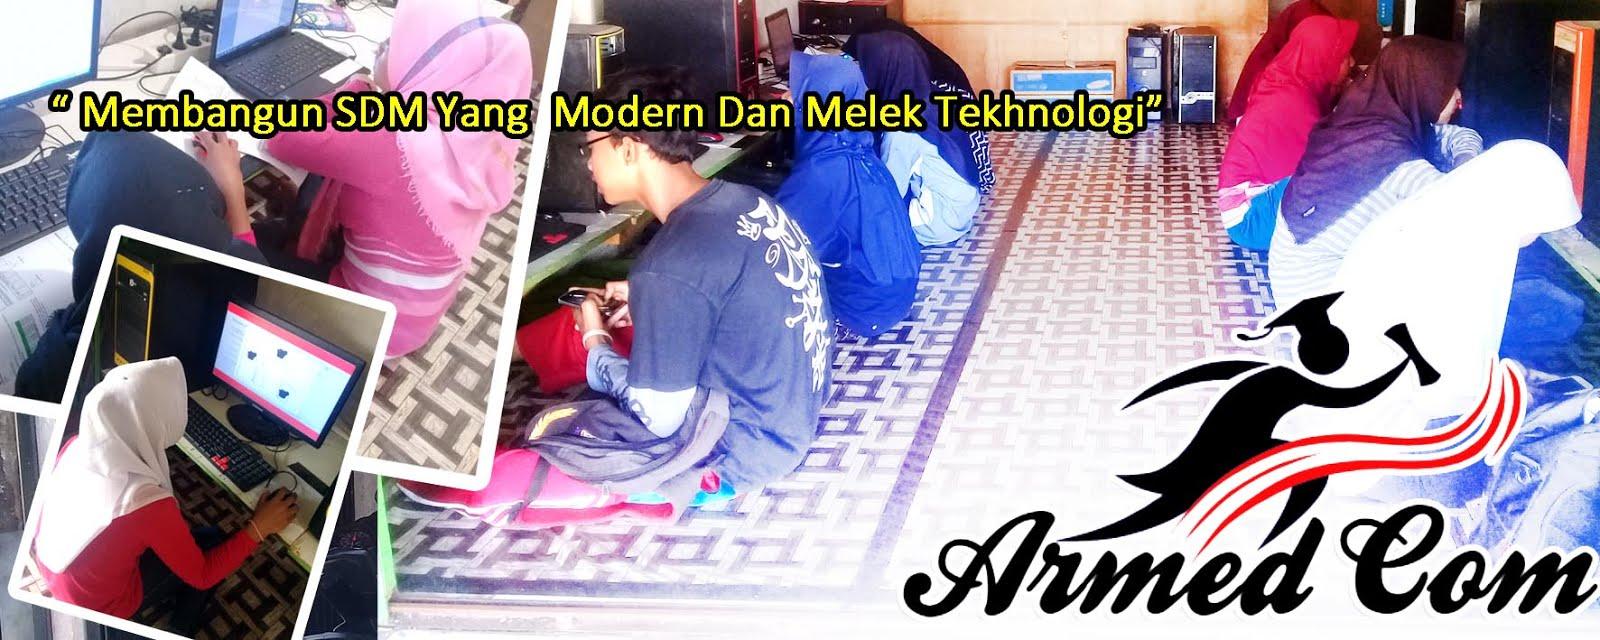 ARMED COM